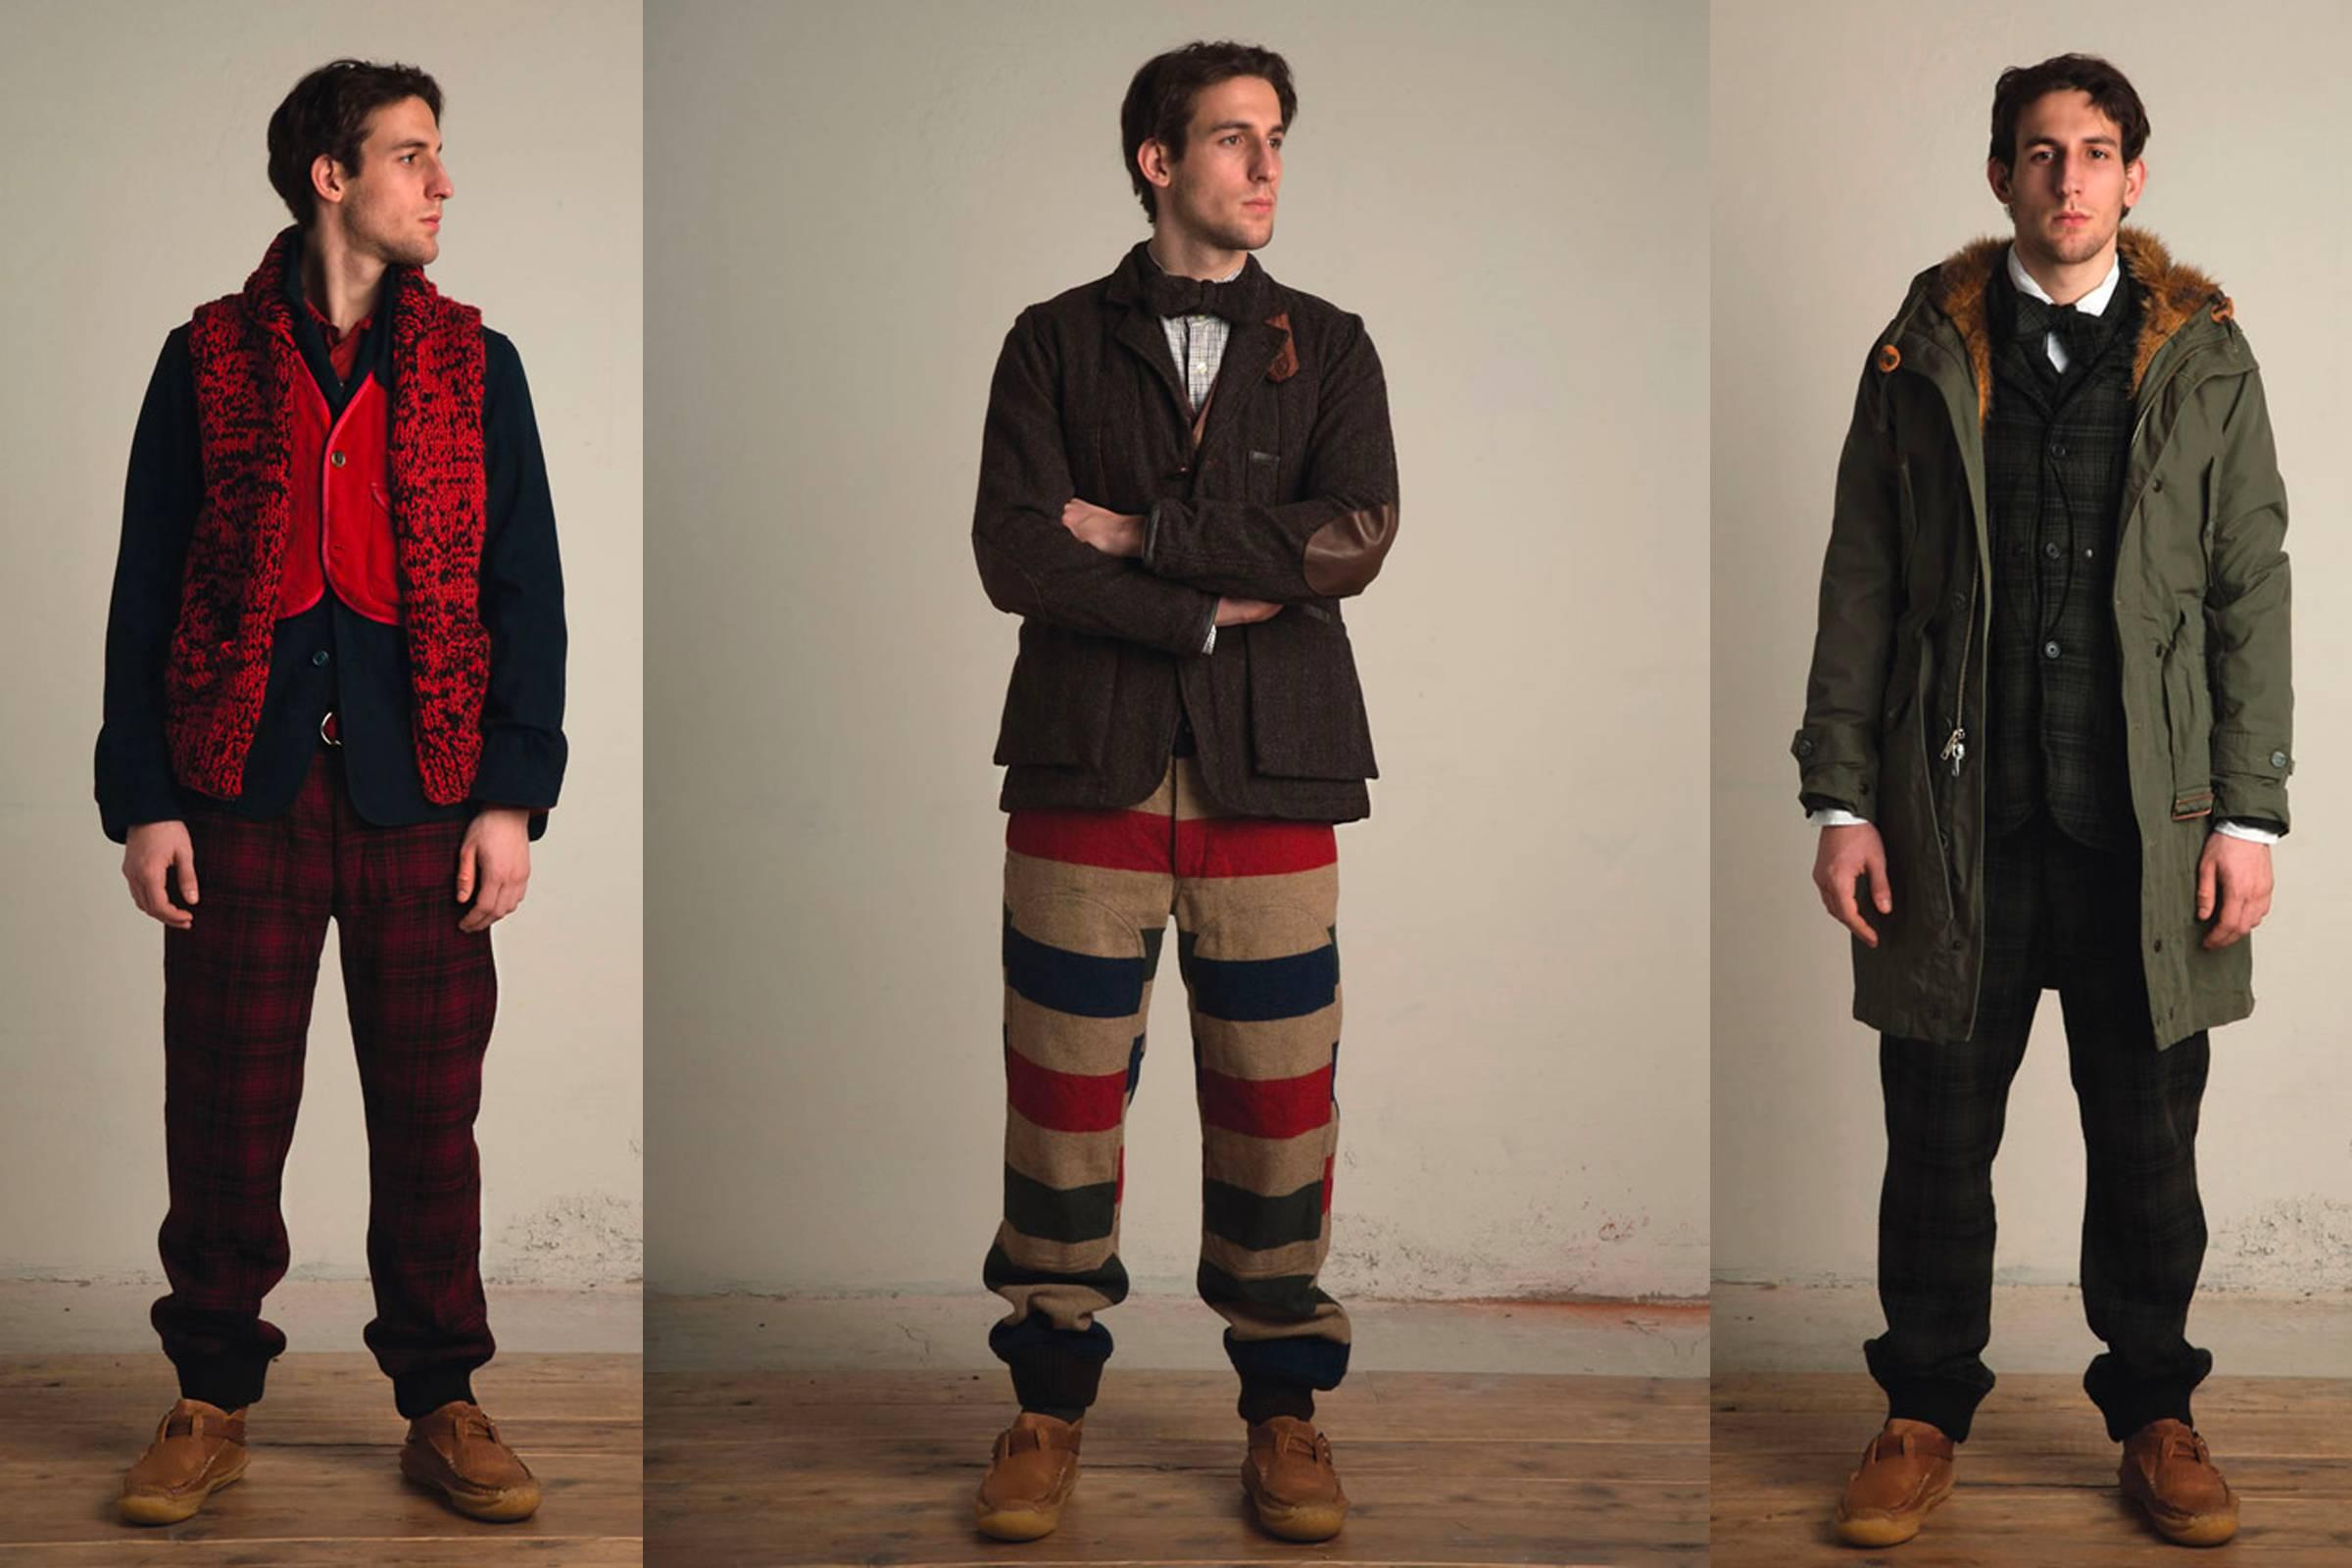 Looks from Woolrich Woolen Mills Fall/Winter 2009 collection, created under Daiki Suzuki's direction